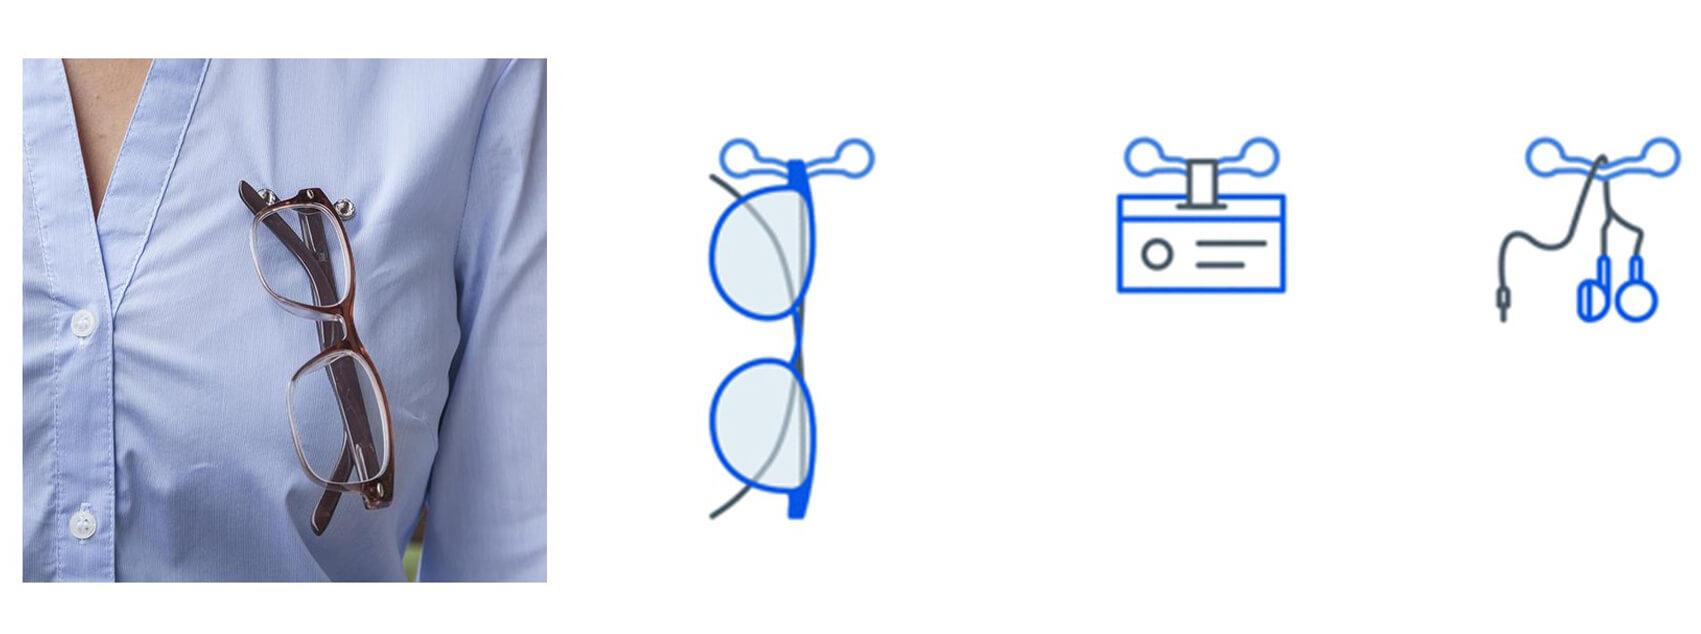 حوامل النظارات المغناطيسية -1